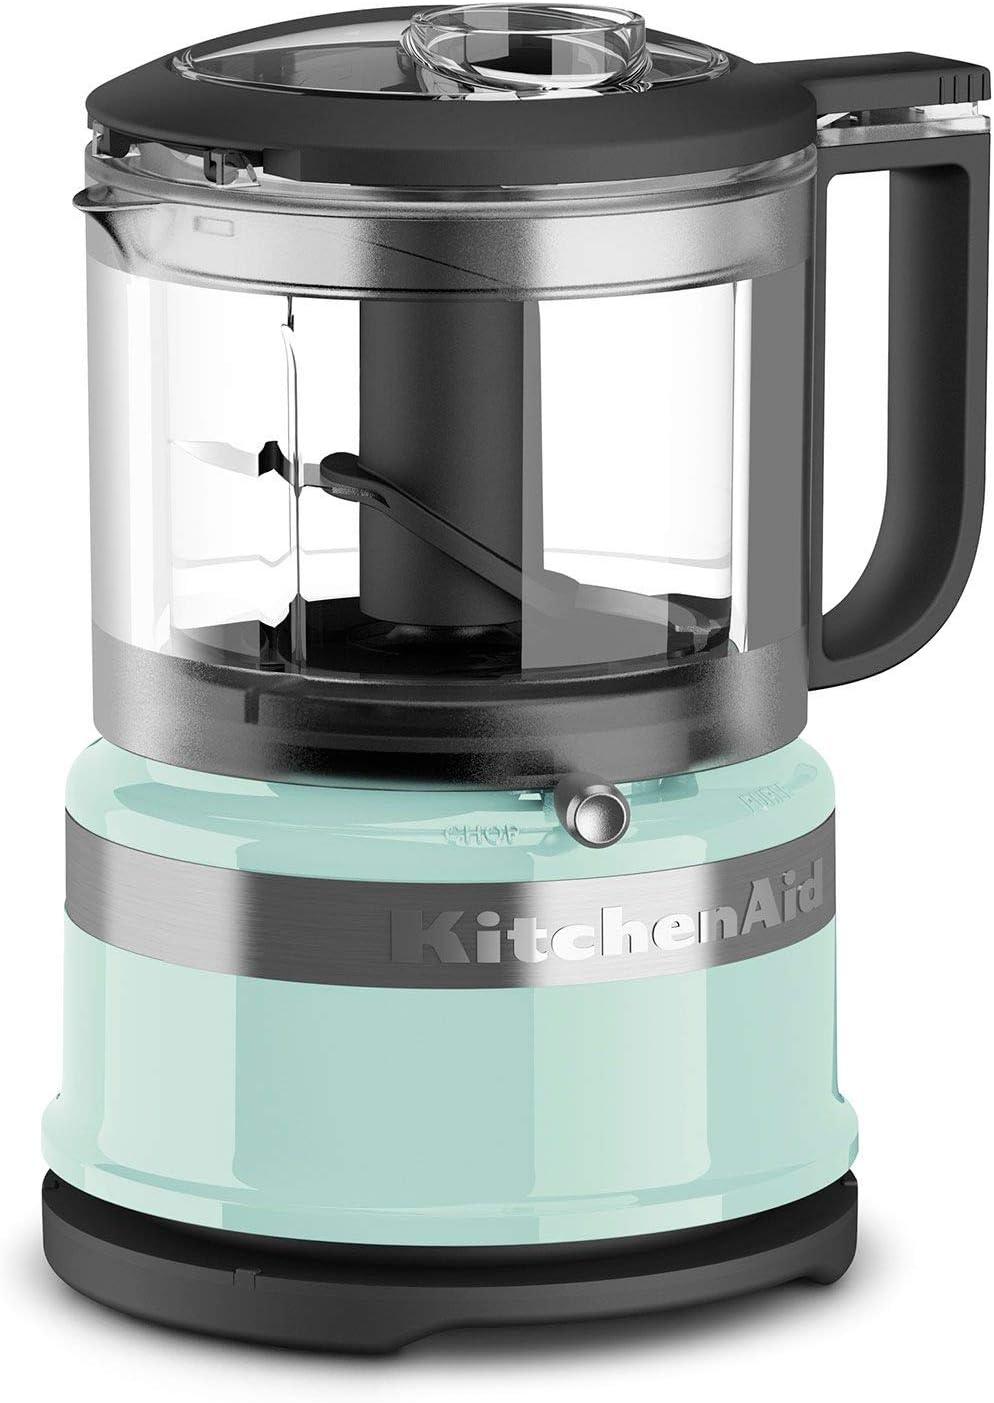 KitchenAid KFC3516AQ 3.5 Cup Mini Food Processor